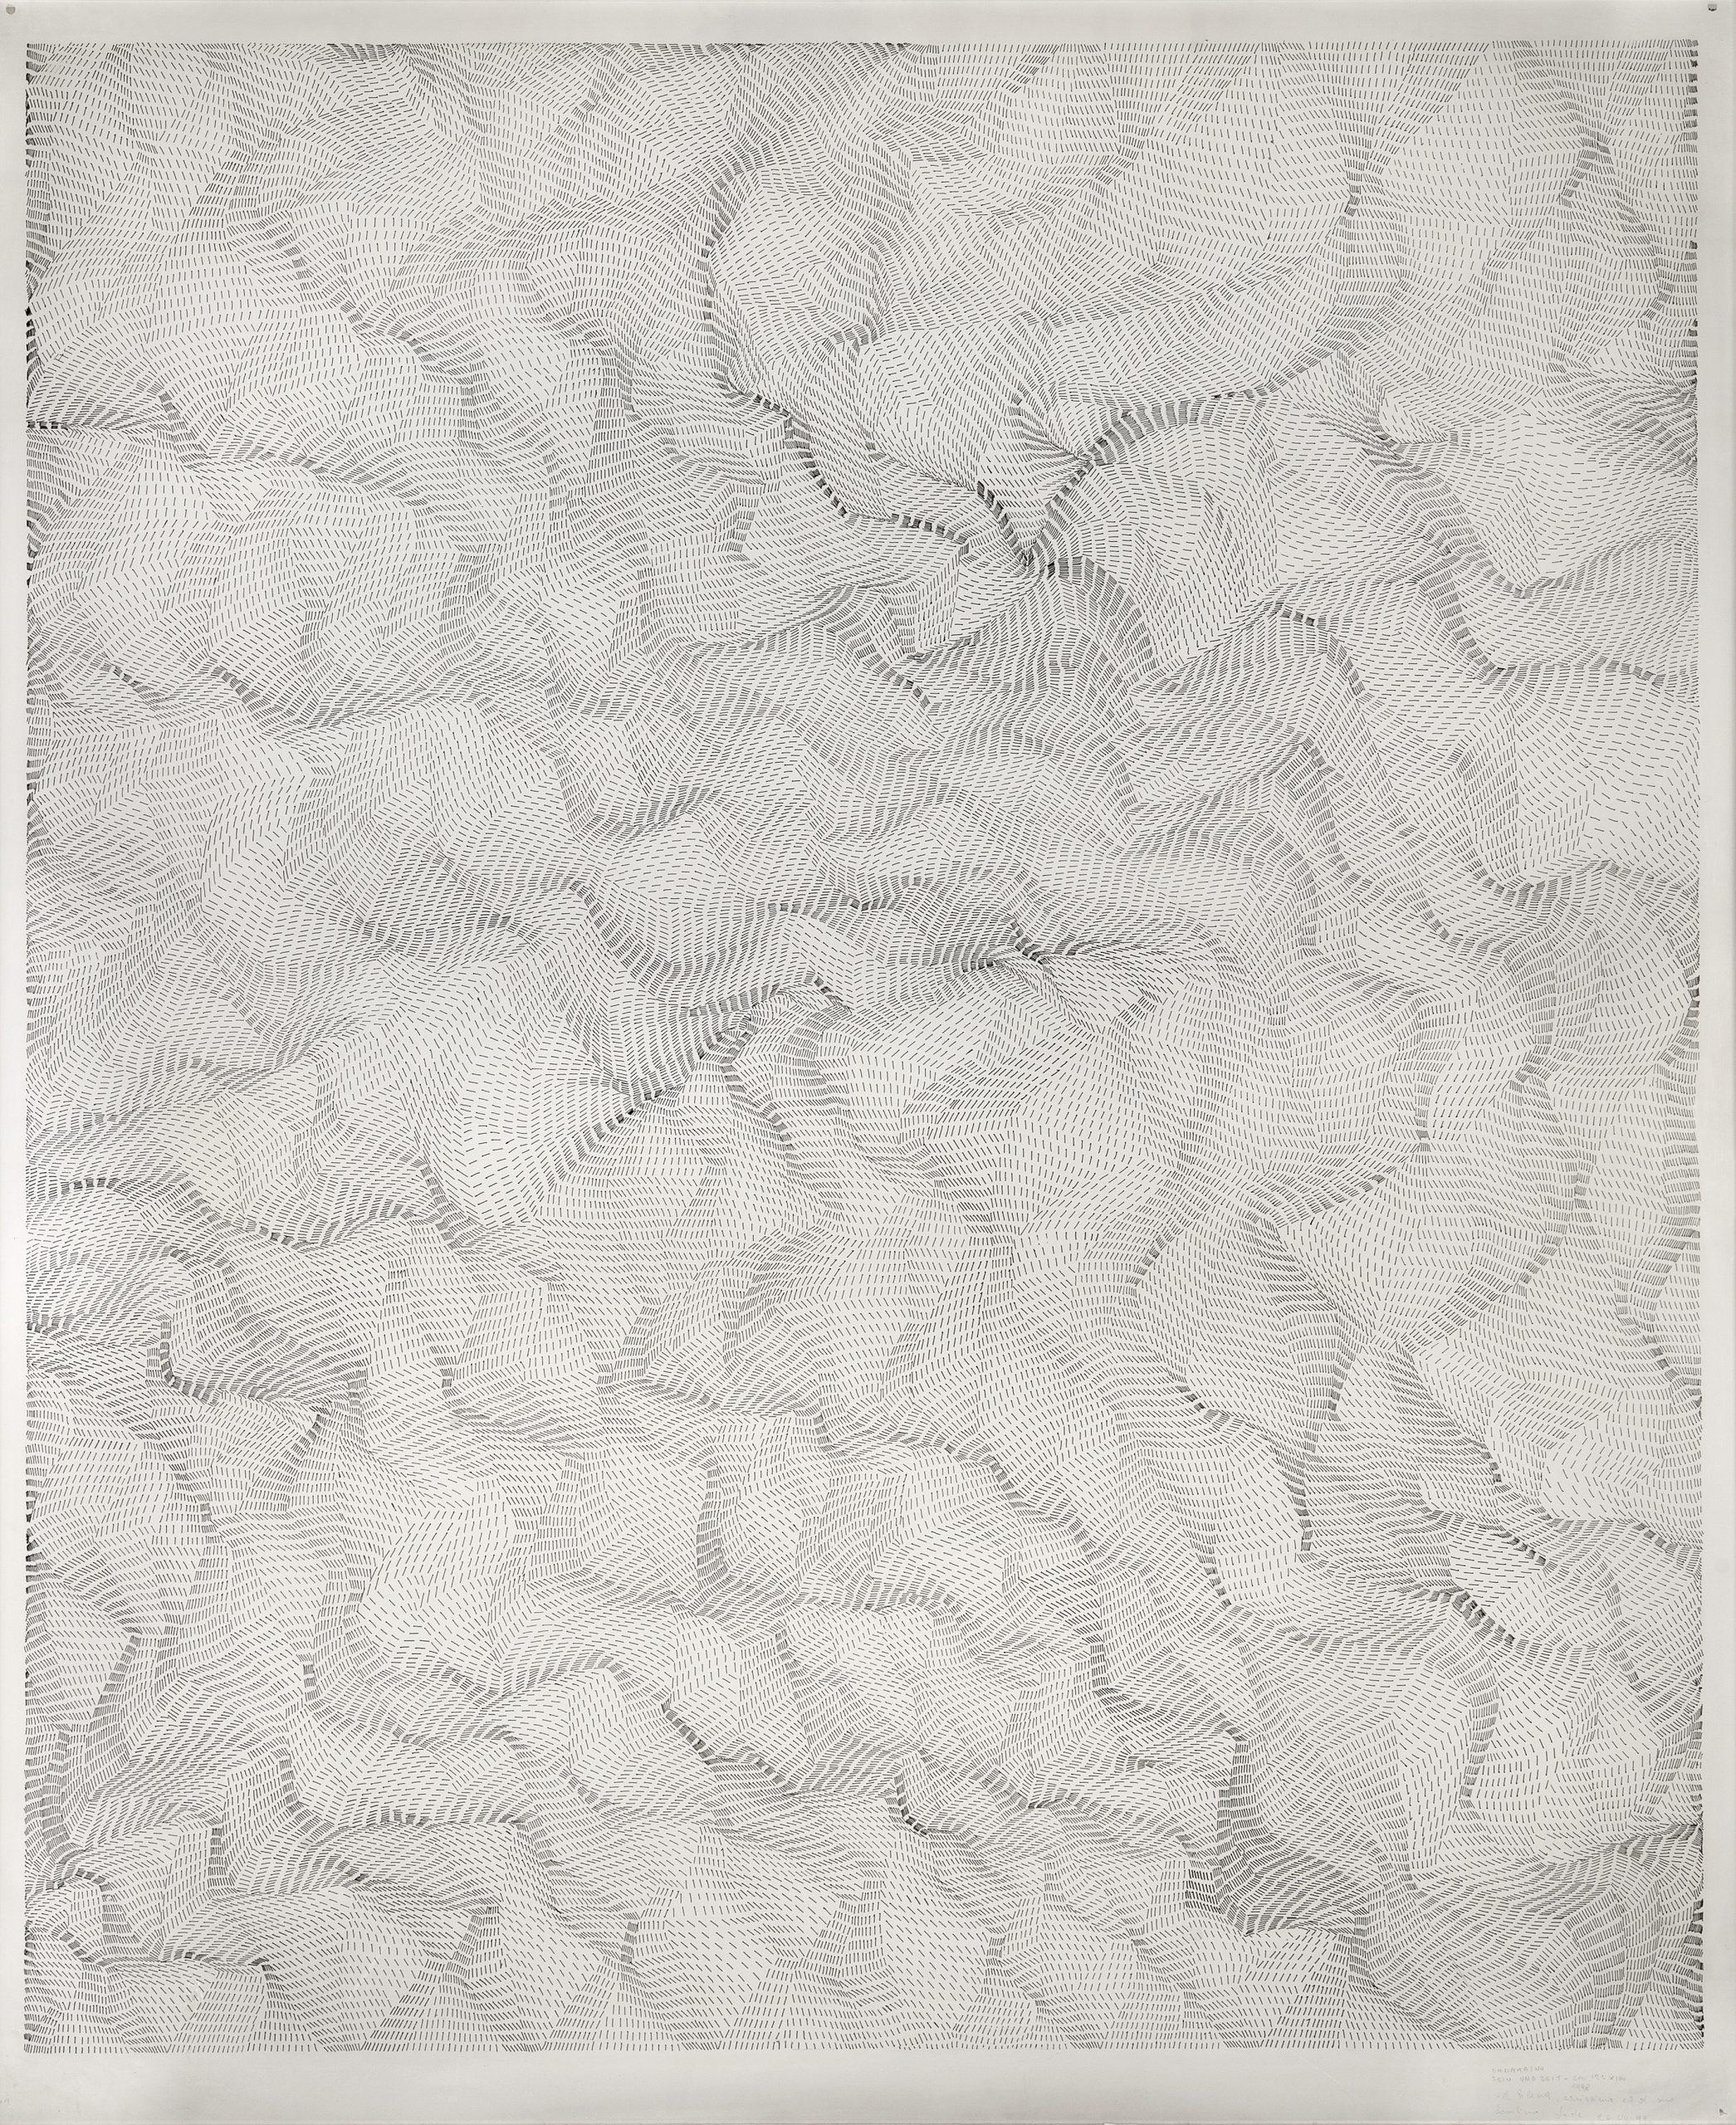 Dadamaino, Il movimento delle cose, 1998, 122 x 100 cm